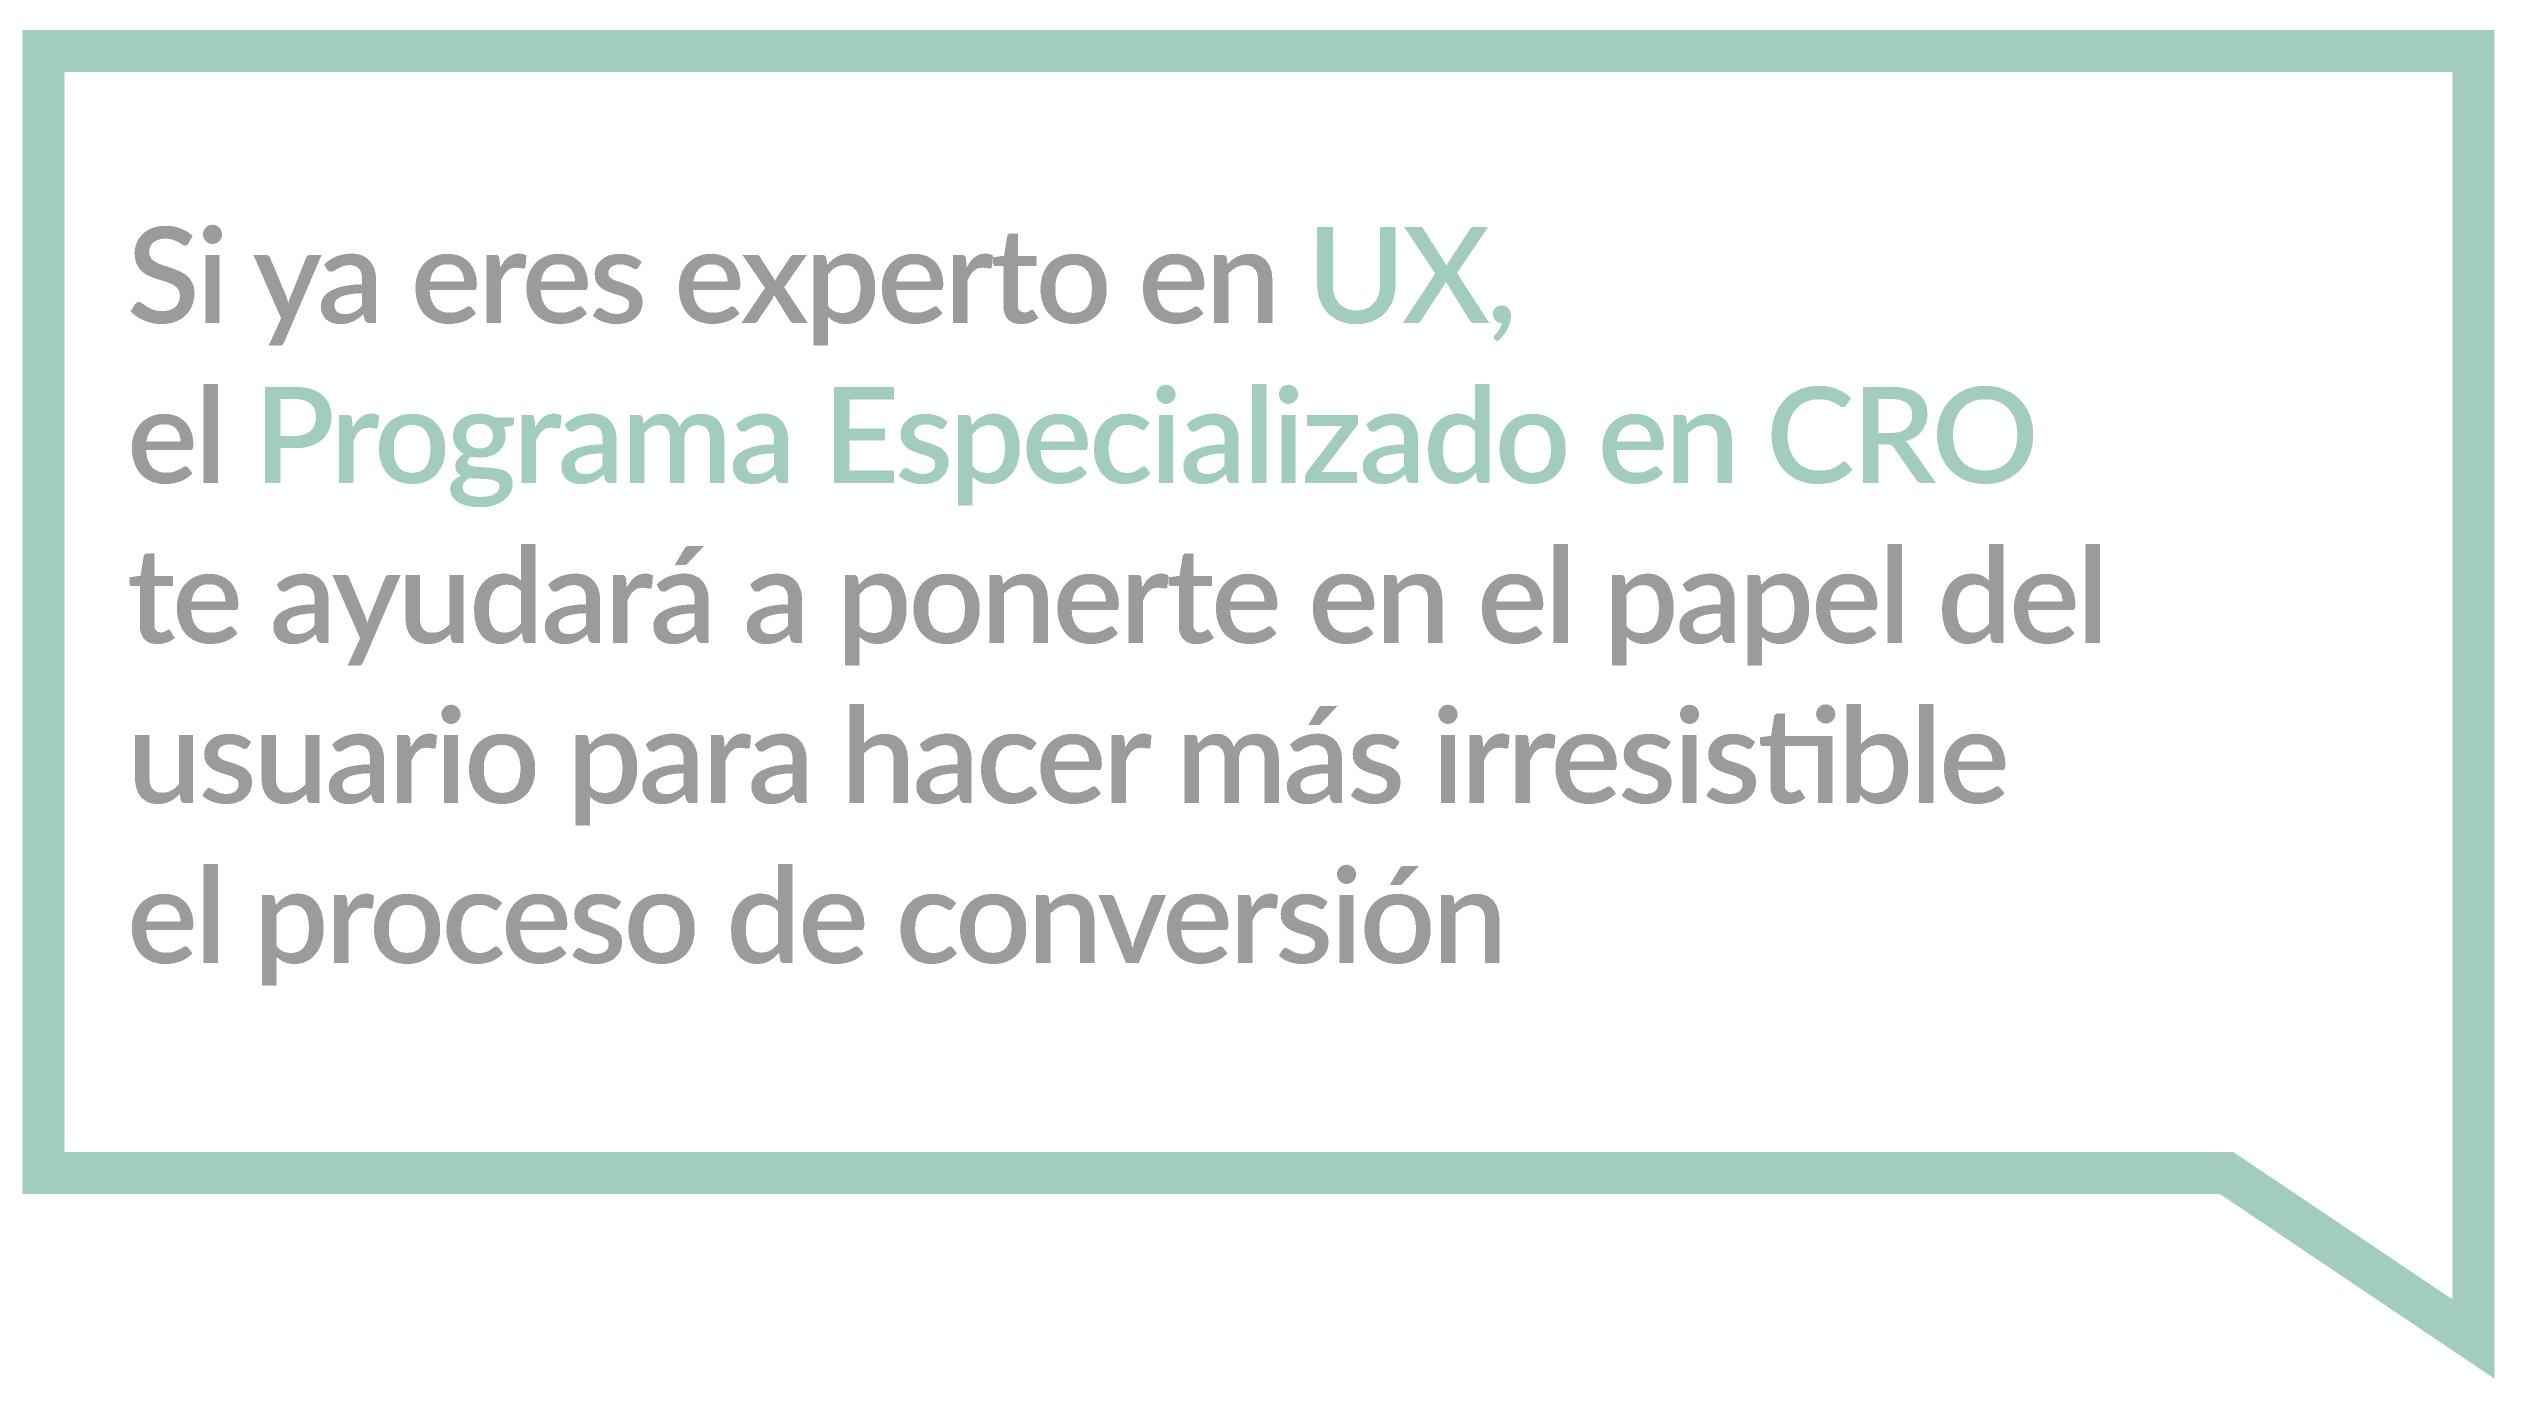 cro-ux